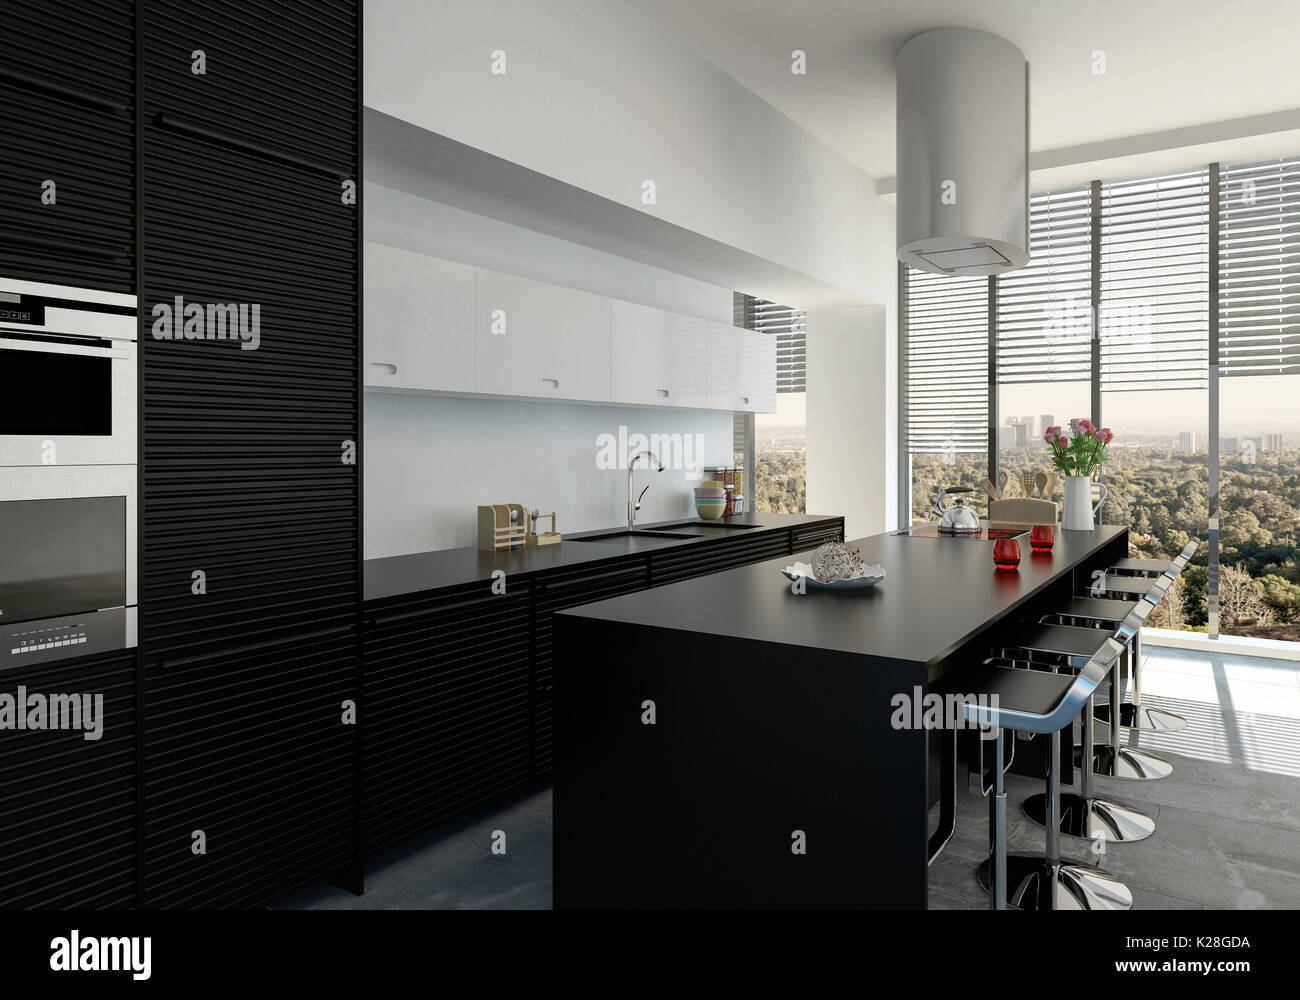 Elegante e contemporaneo in bianco e nero la cucina interna con